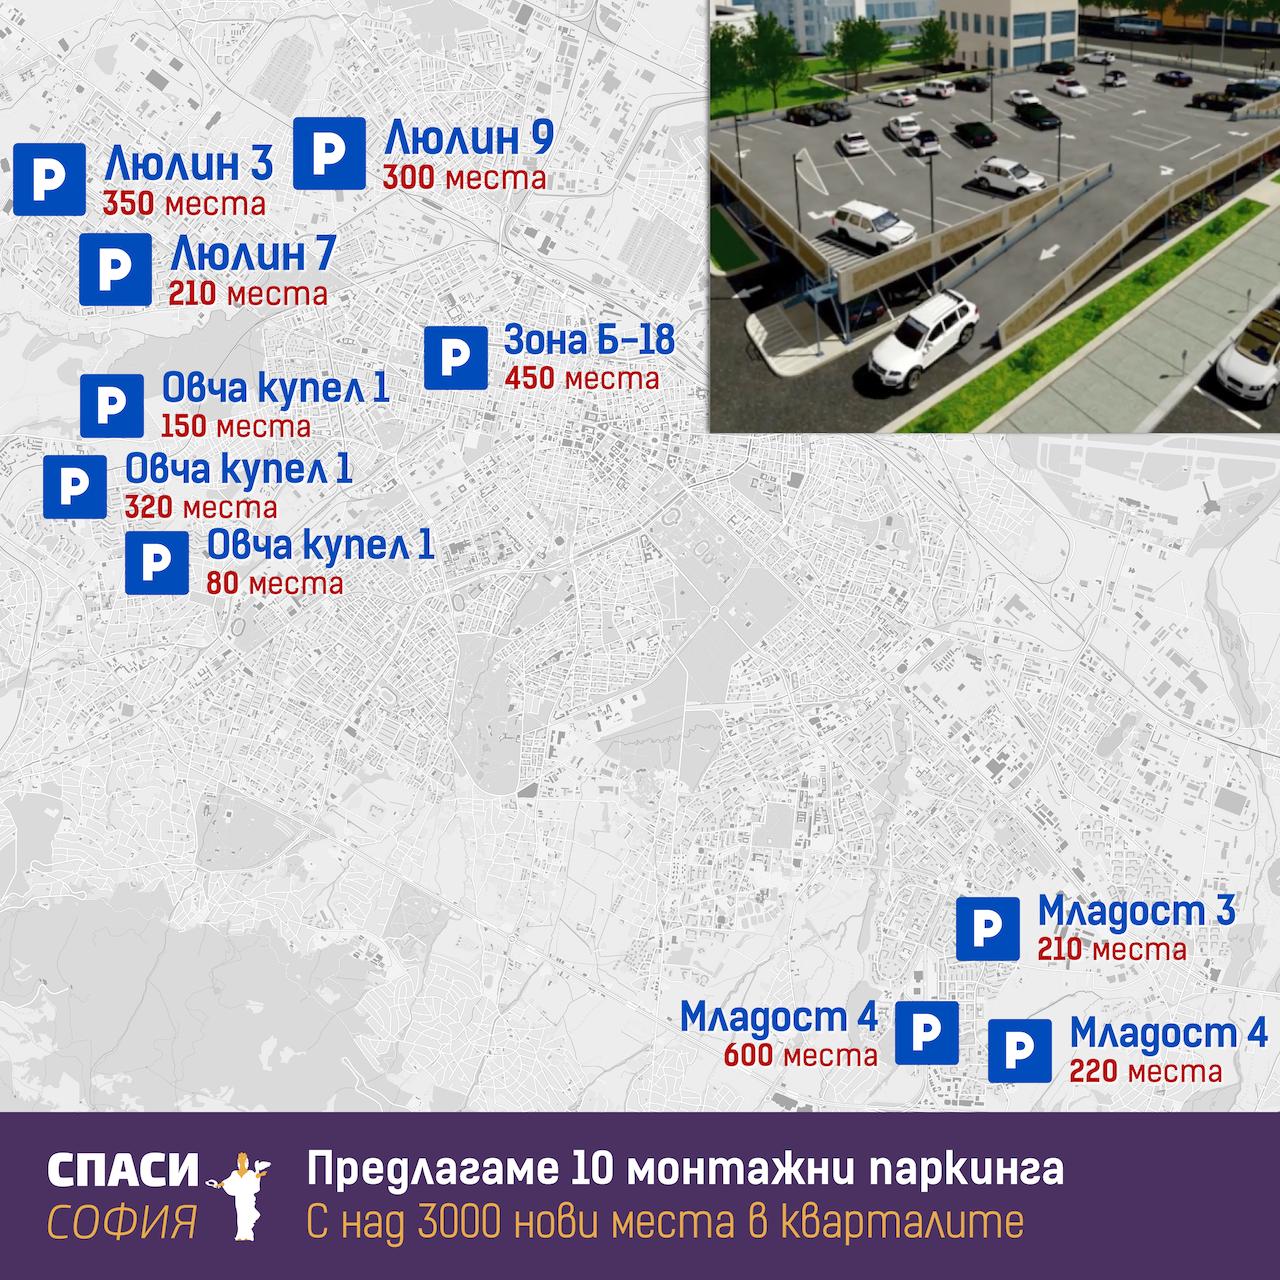 ДОКЛАД – Изготвяне на проекти за изграждане на монтажни паркинги в кварталите